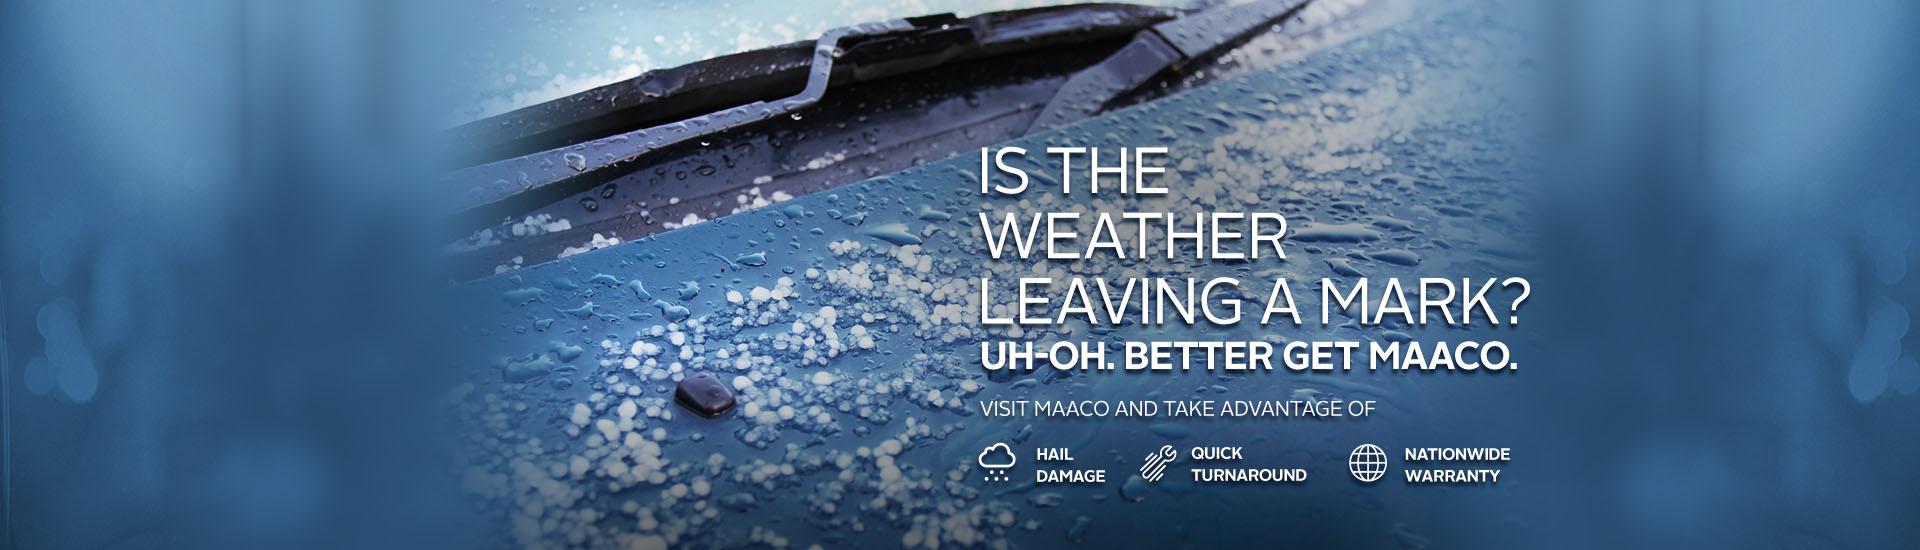 Maaco: Hail damage repair